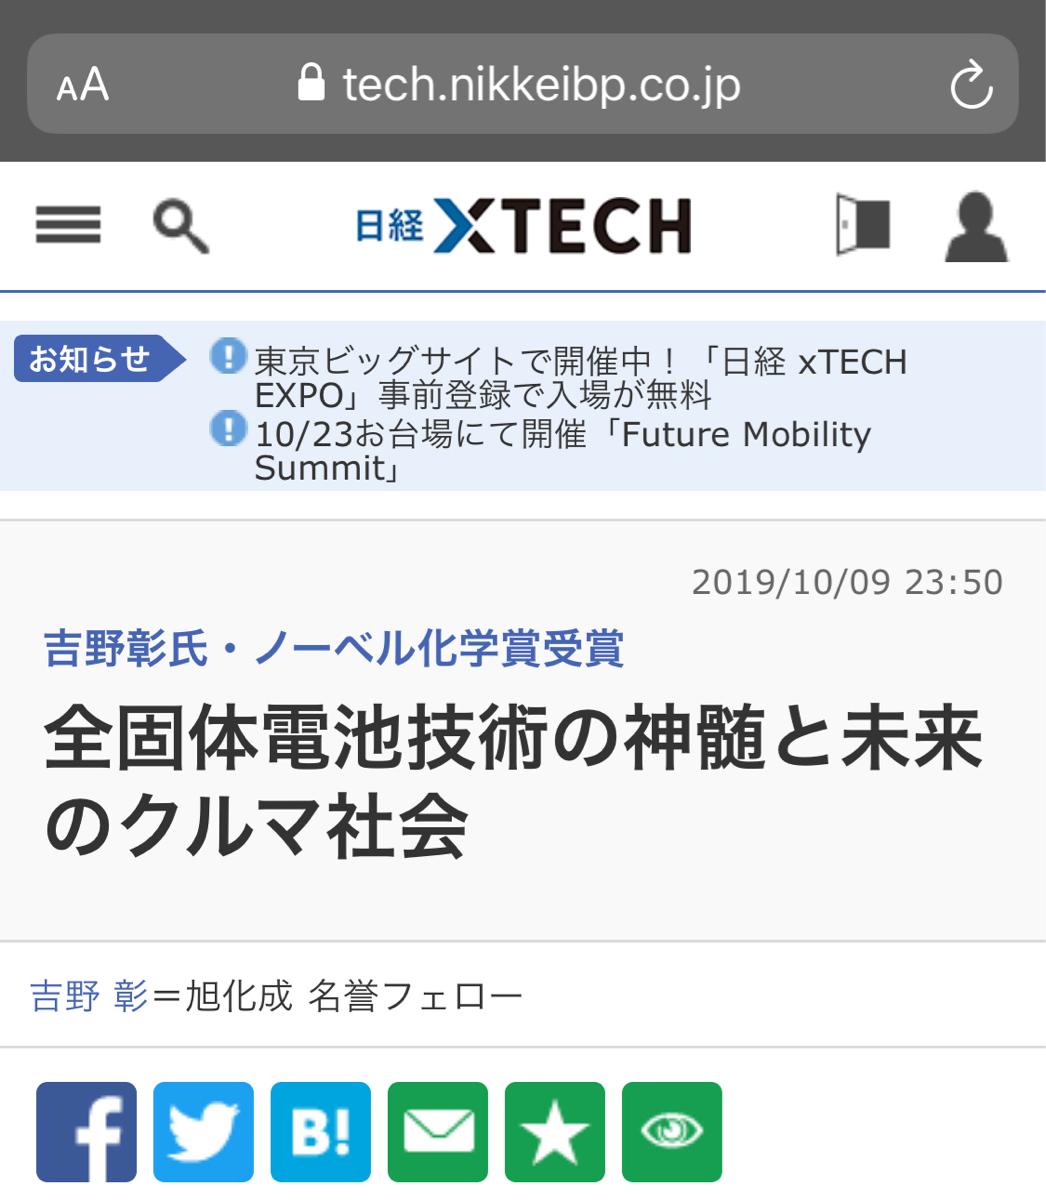 6584 - 三桜工業(株) ノーベル化学賞を受賞された吉野彰氏が、2018年6月の講演で発表した 「全固体電池技術の神髄と未来の